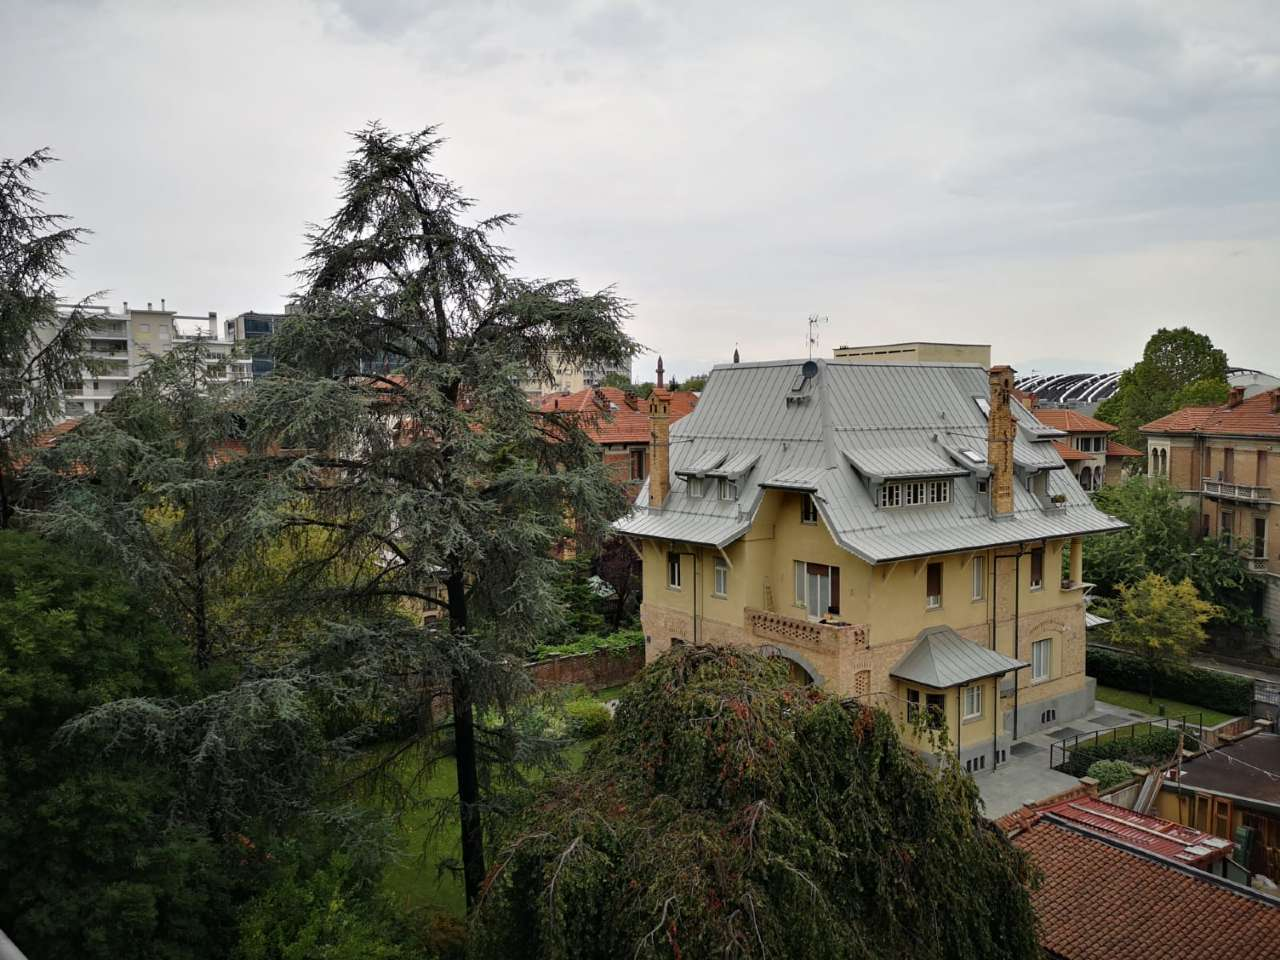 Torino Torino Affitto APPARTAMENTO » alloggio in vendita a torino, appartamenti da affittare